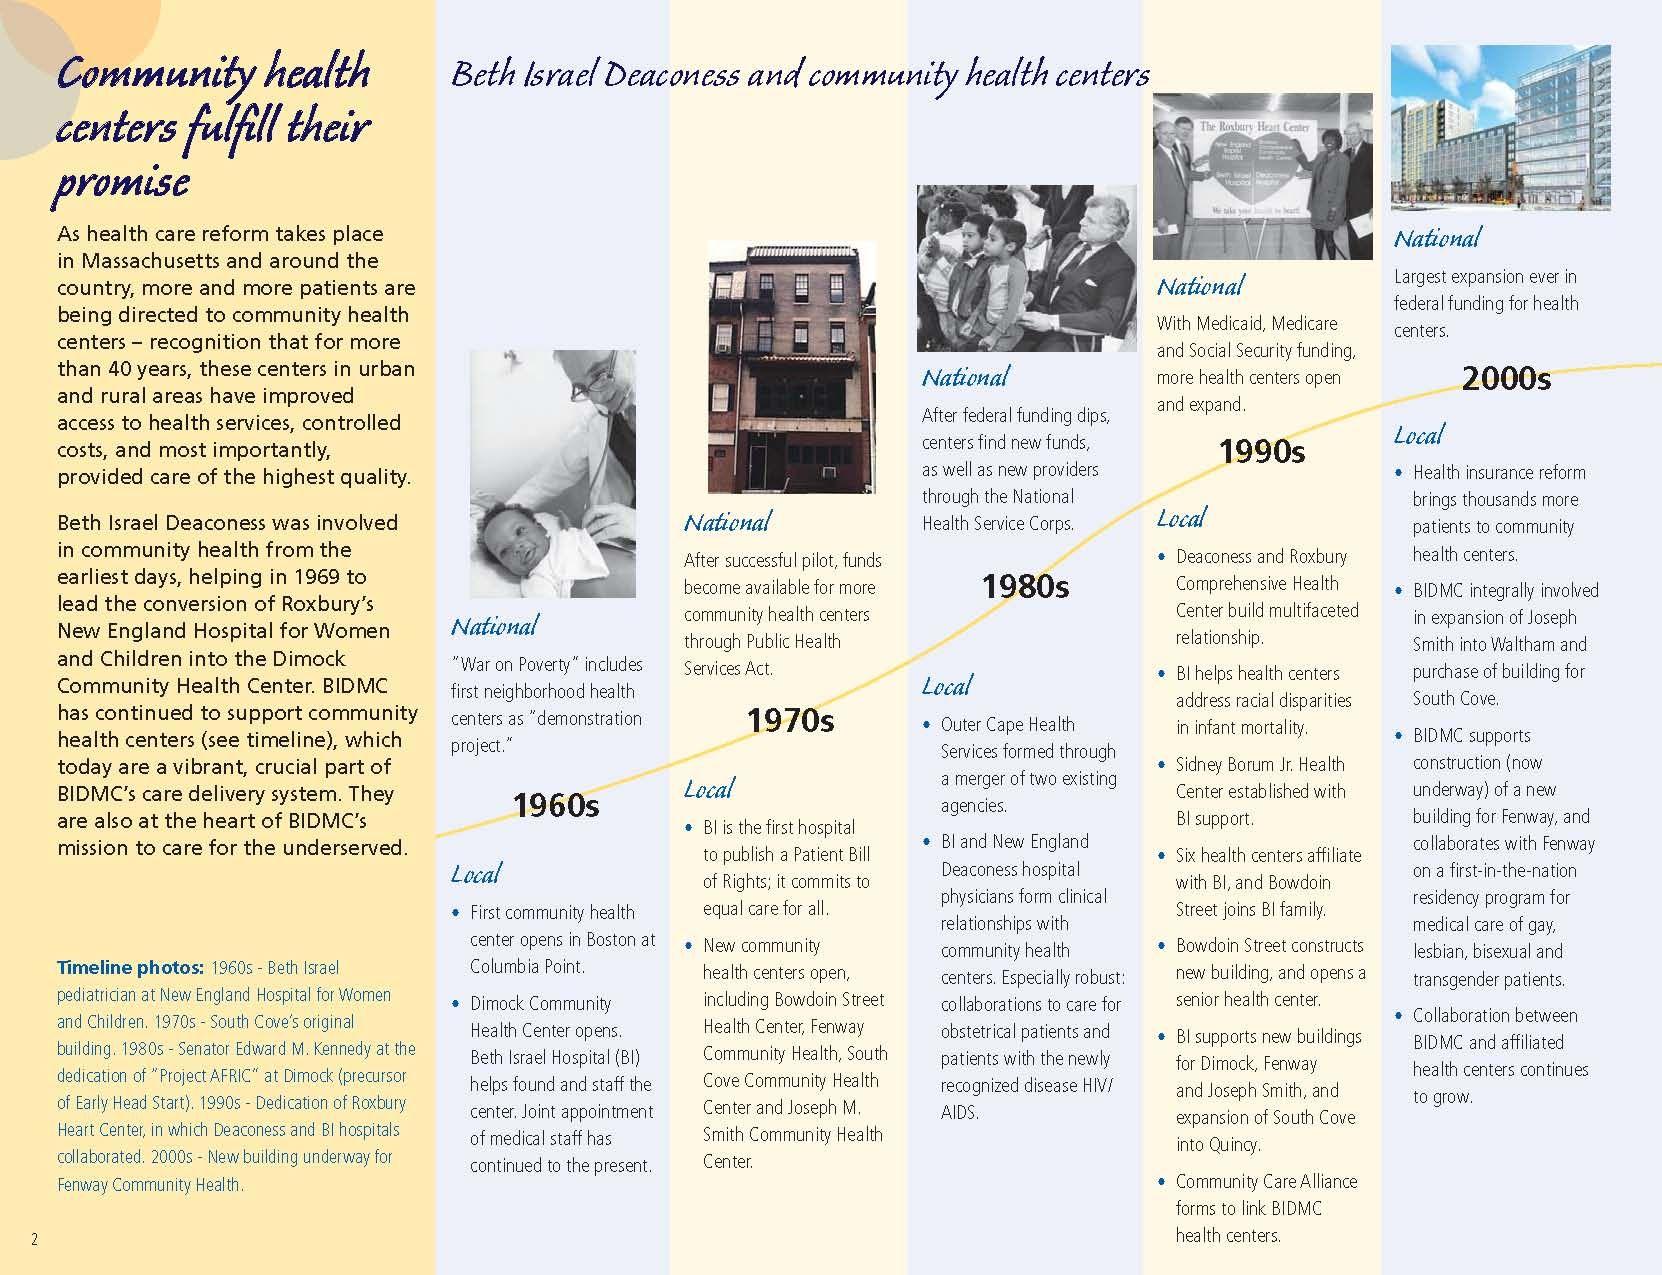 Timeline, i like how it leads the eye up Health care